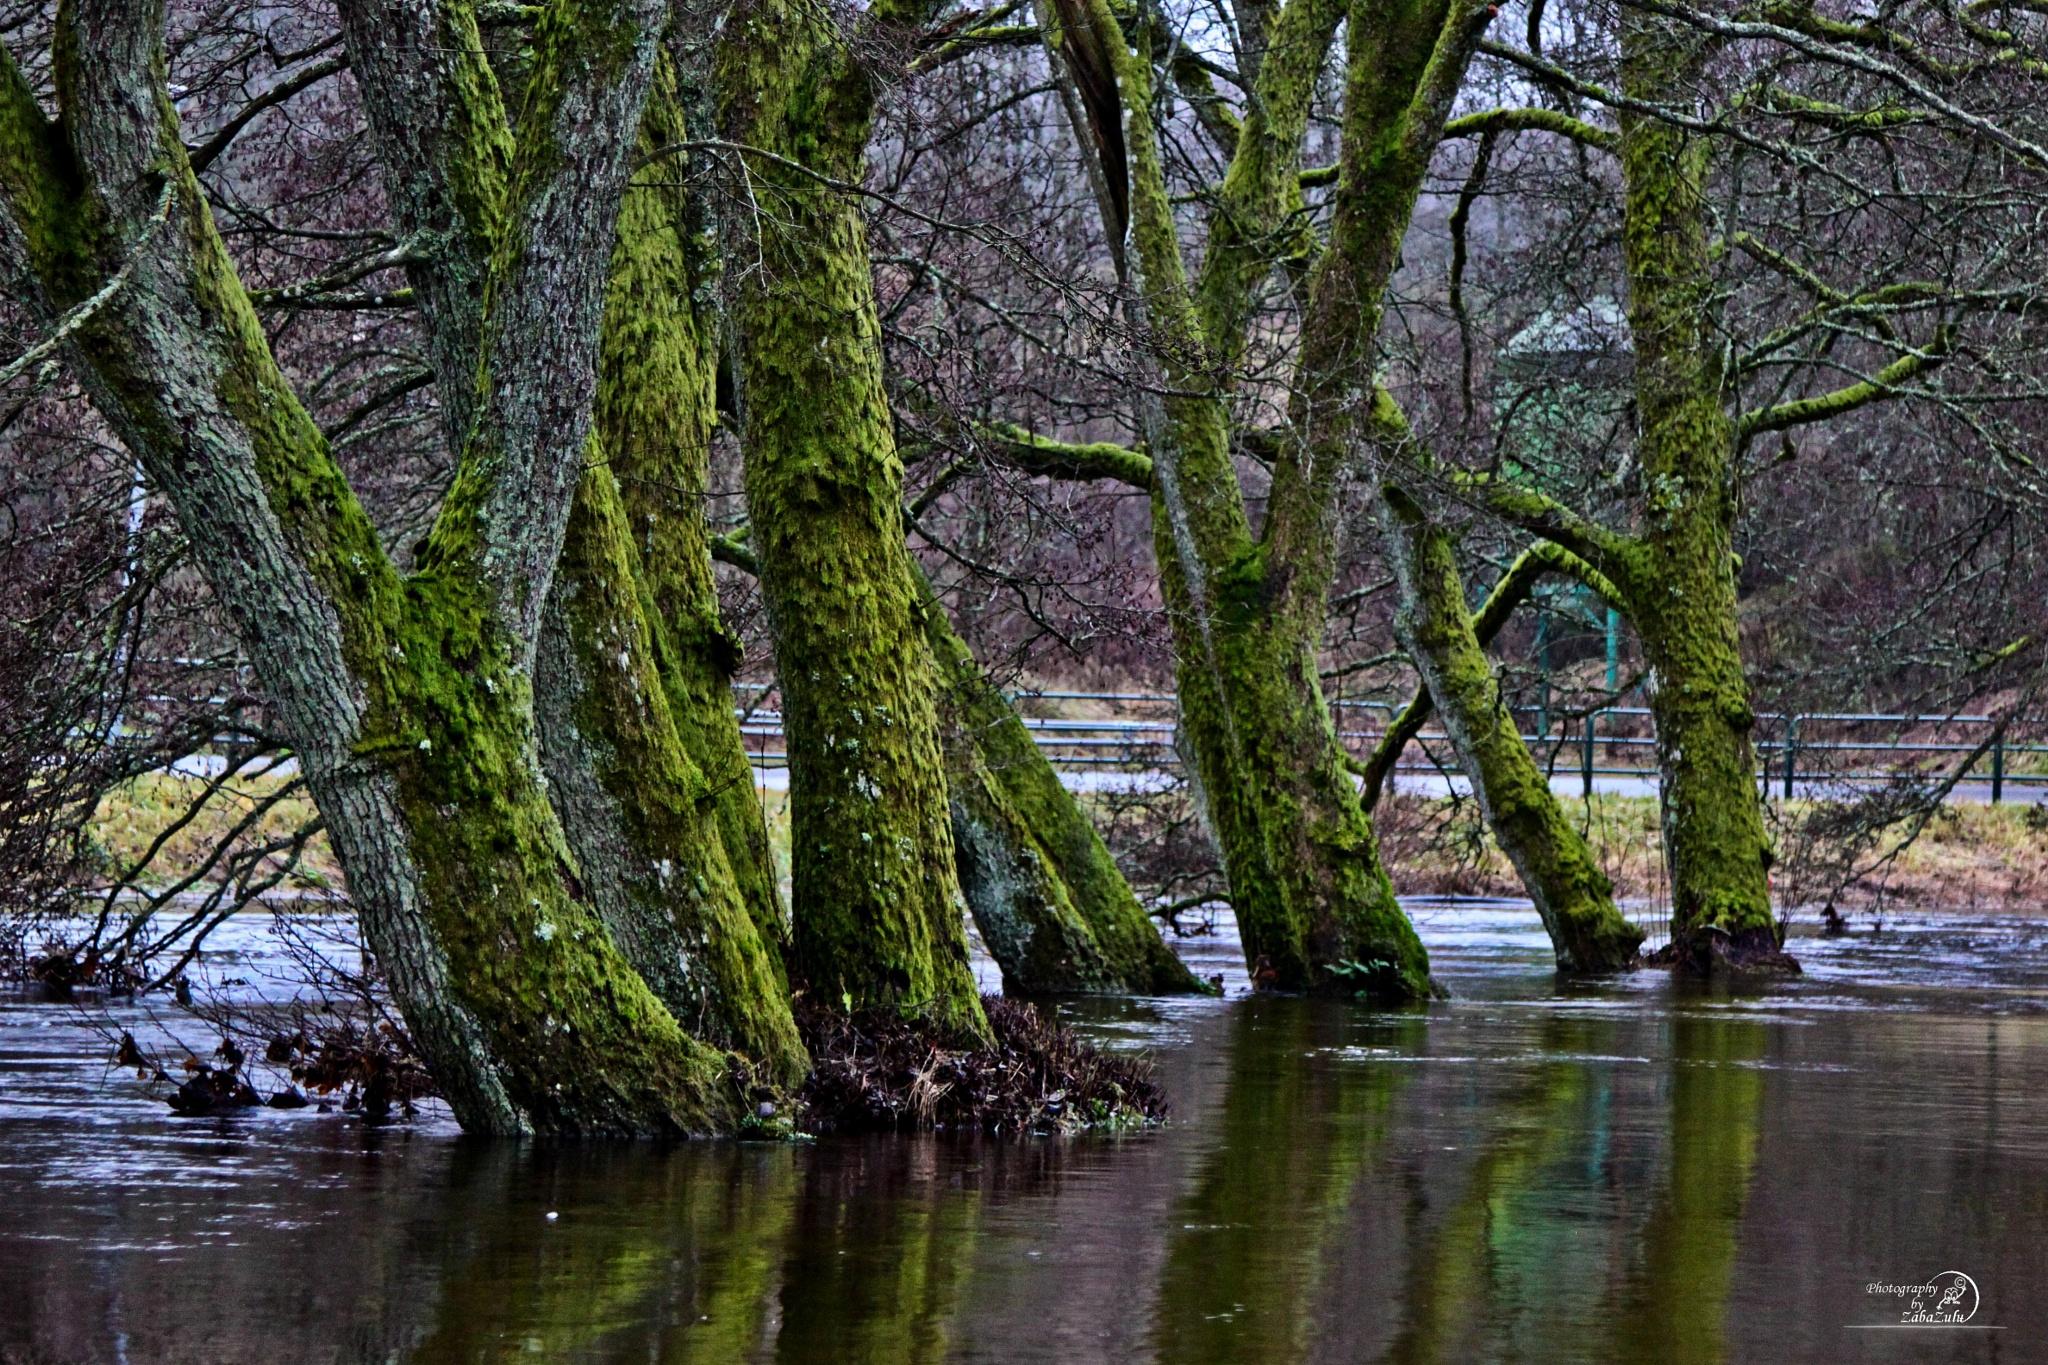 Green tree in water by zabazulu